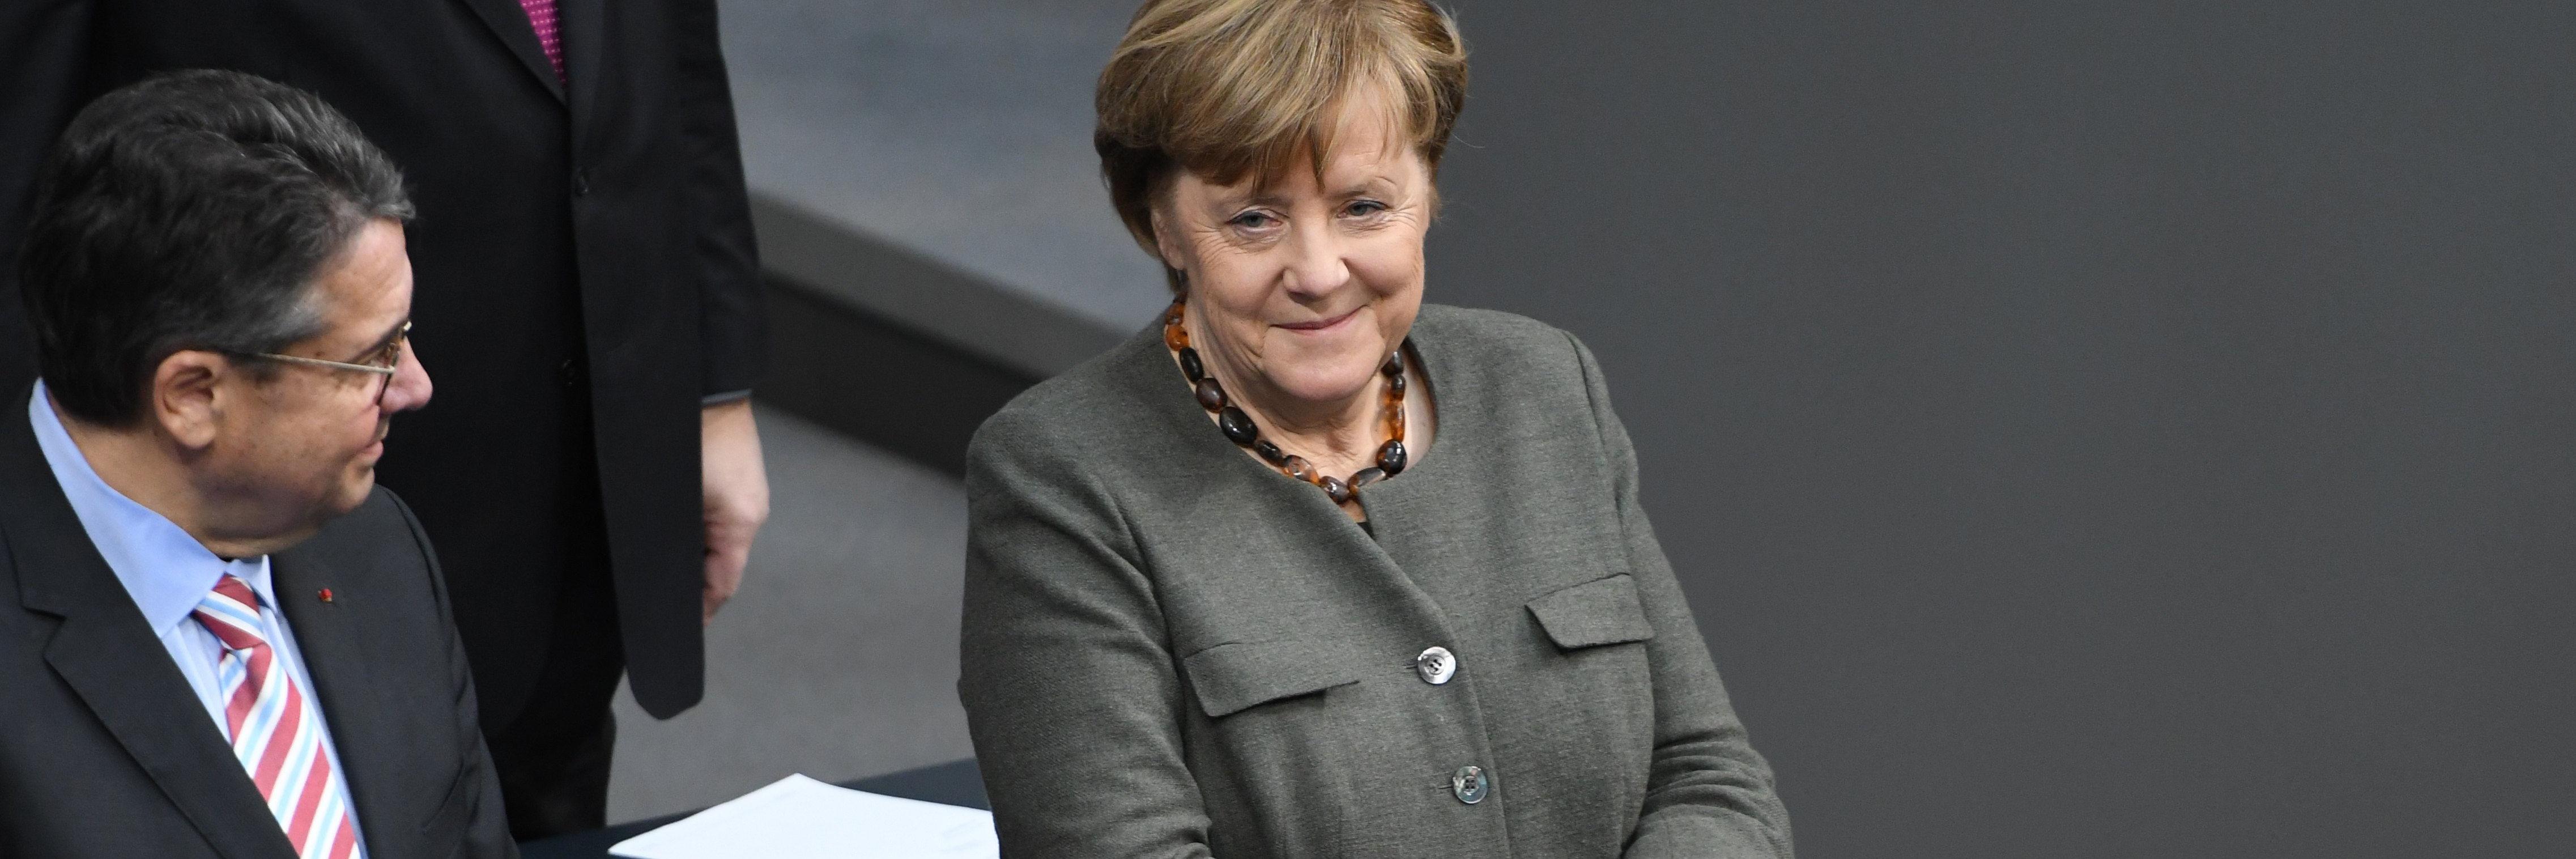 Gabriel, Merkel, 55 years of French German Elysee Treaty